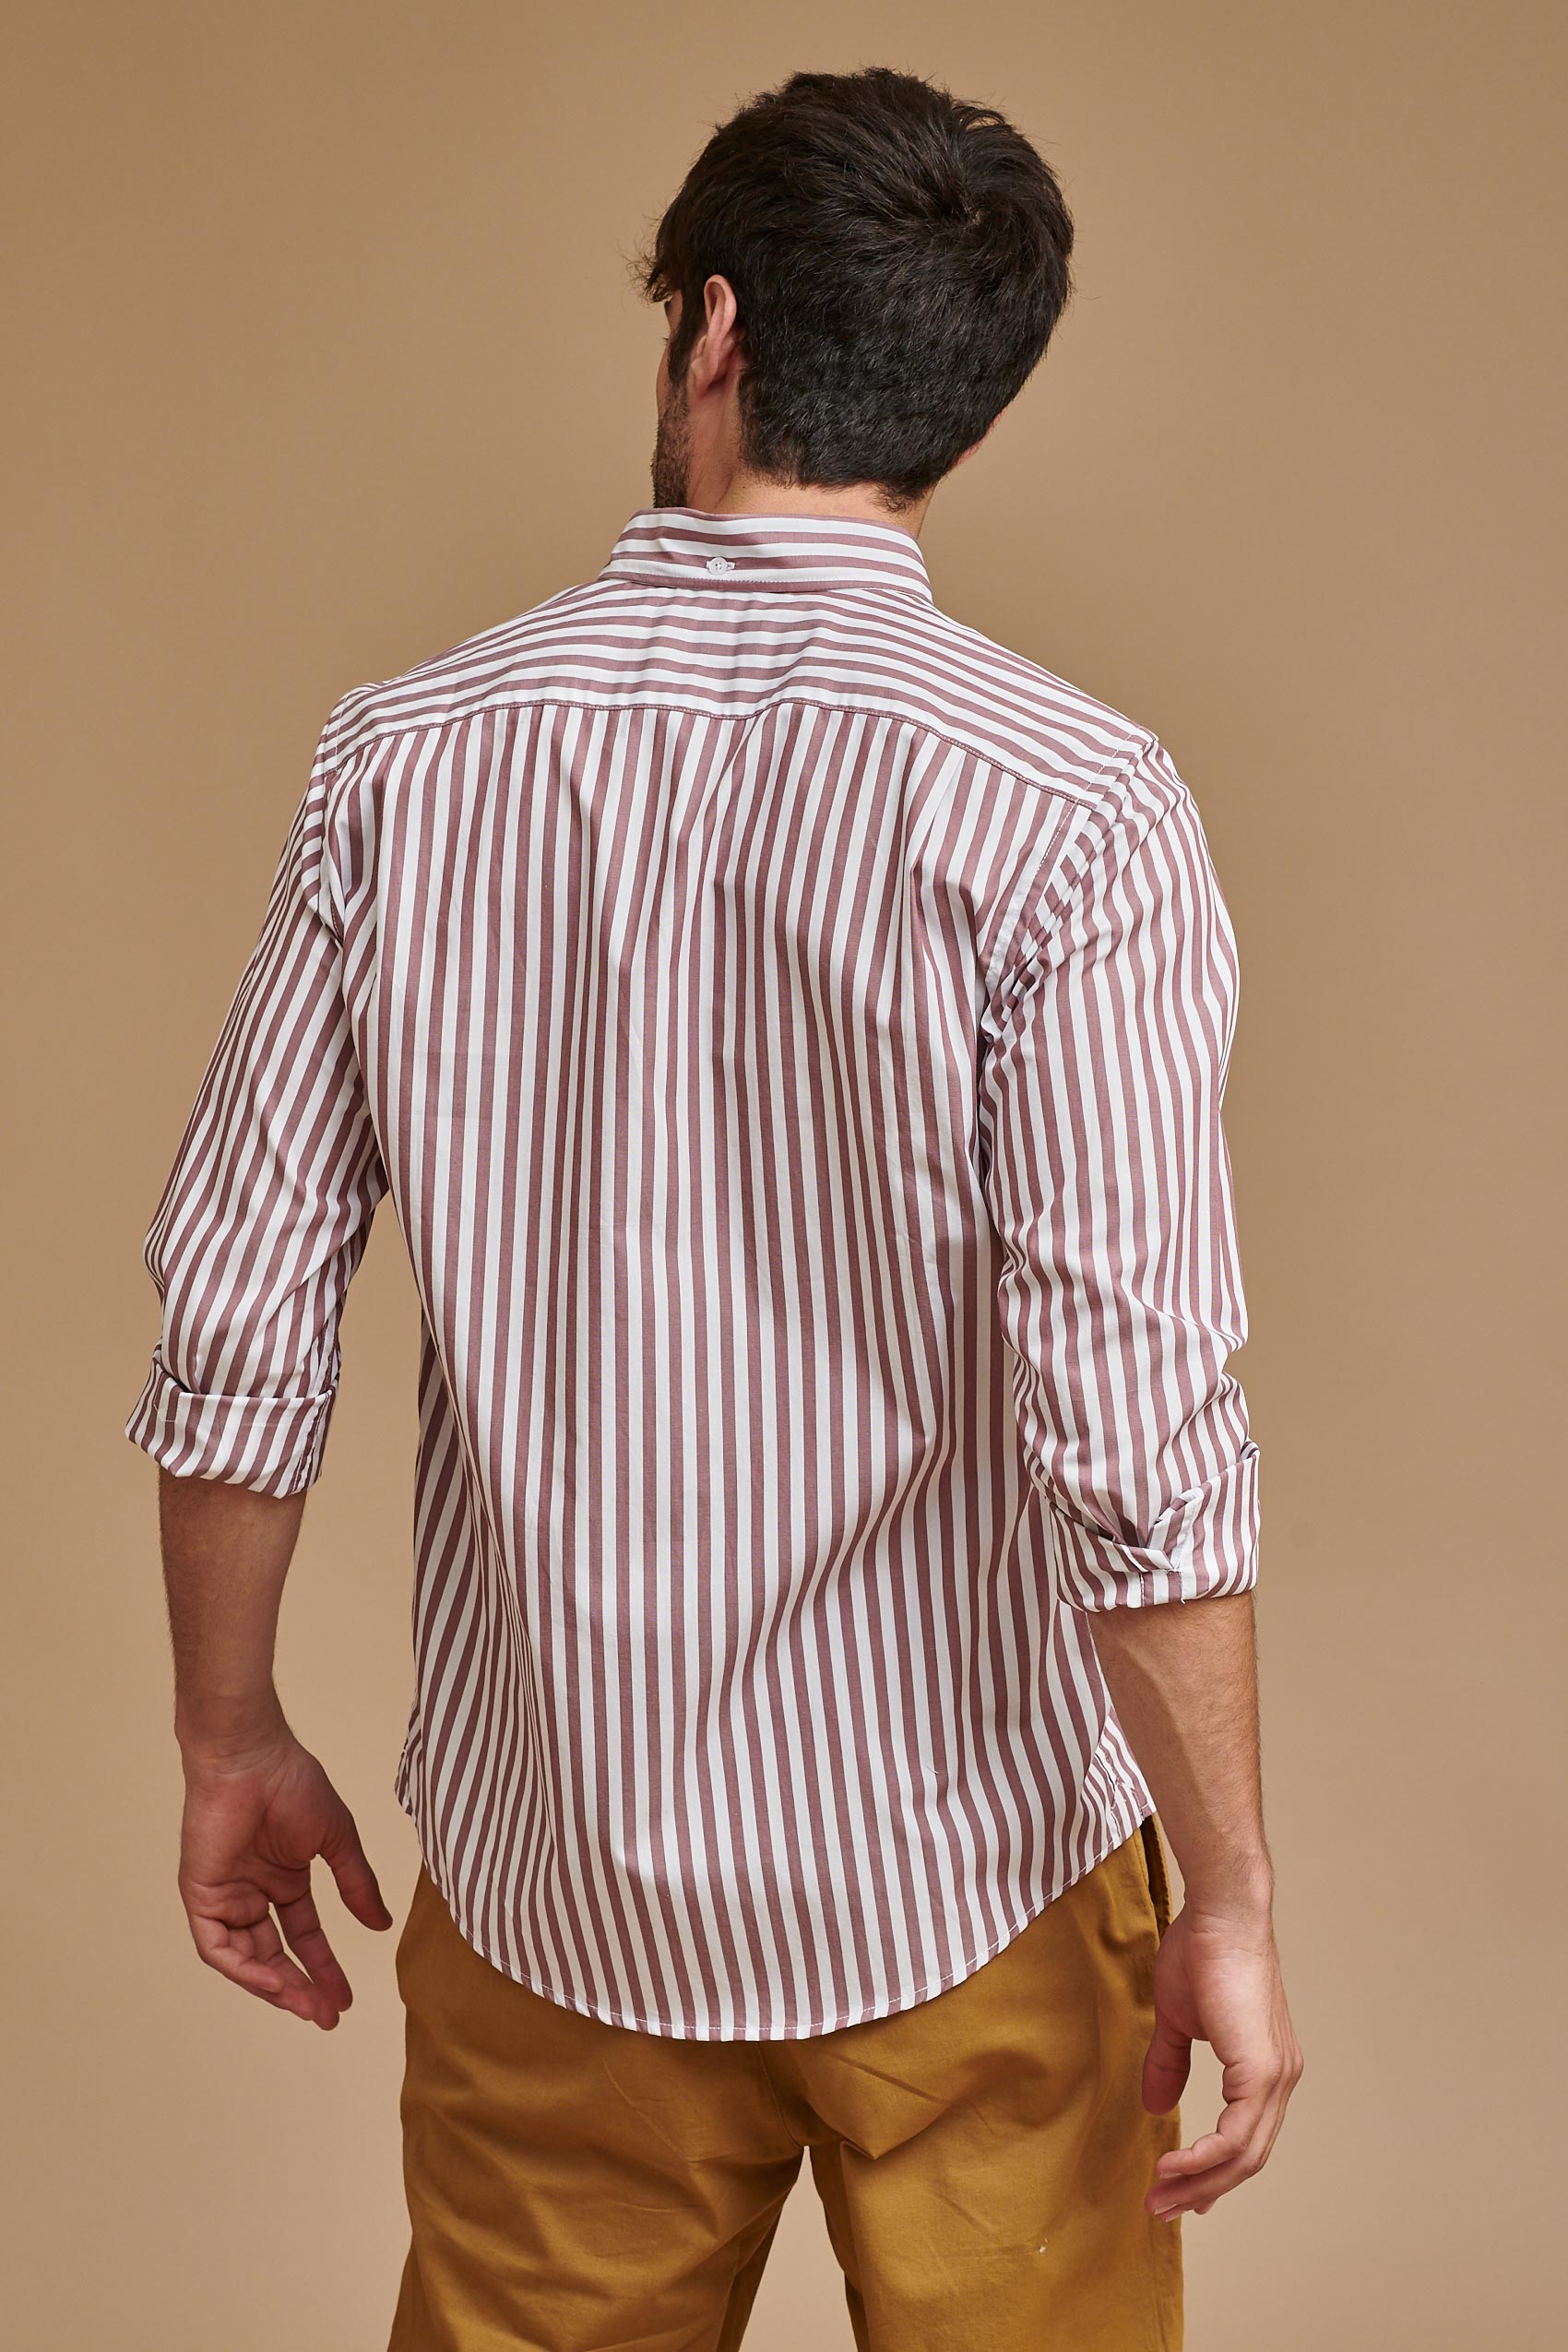 penguin_ls-wide-stripe-shirt-b/d_16-14-2020__picture-15008